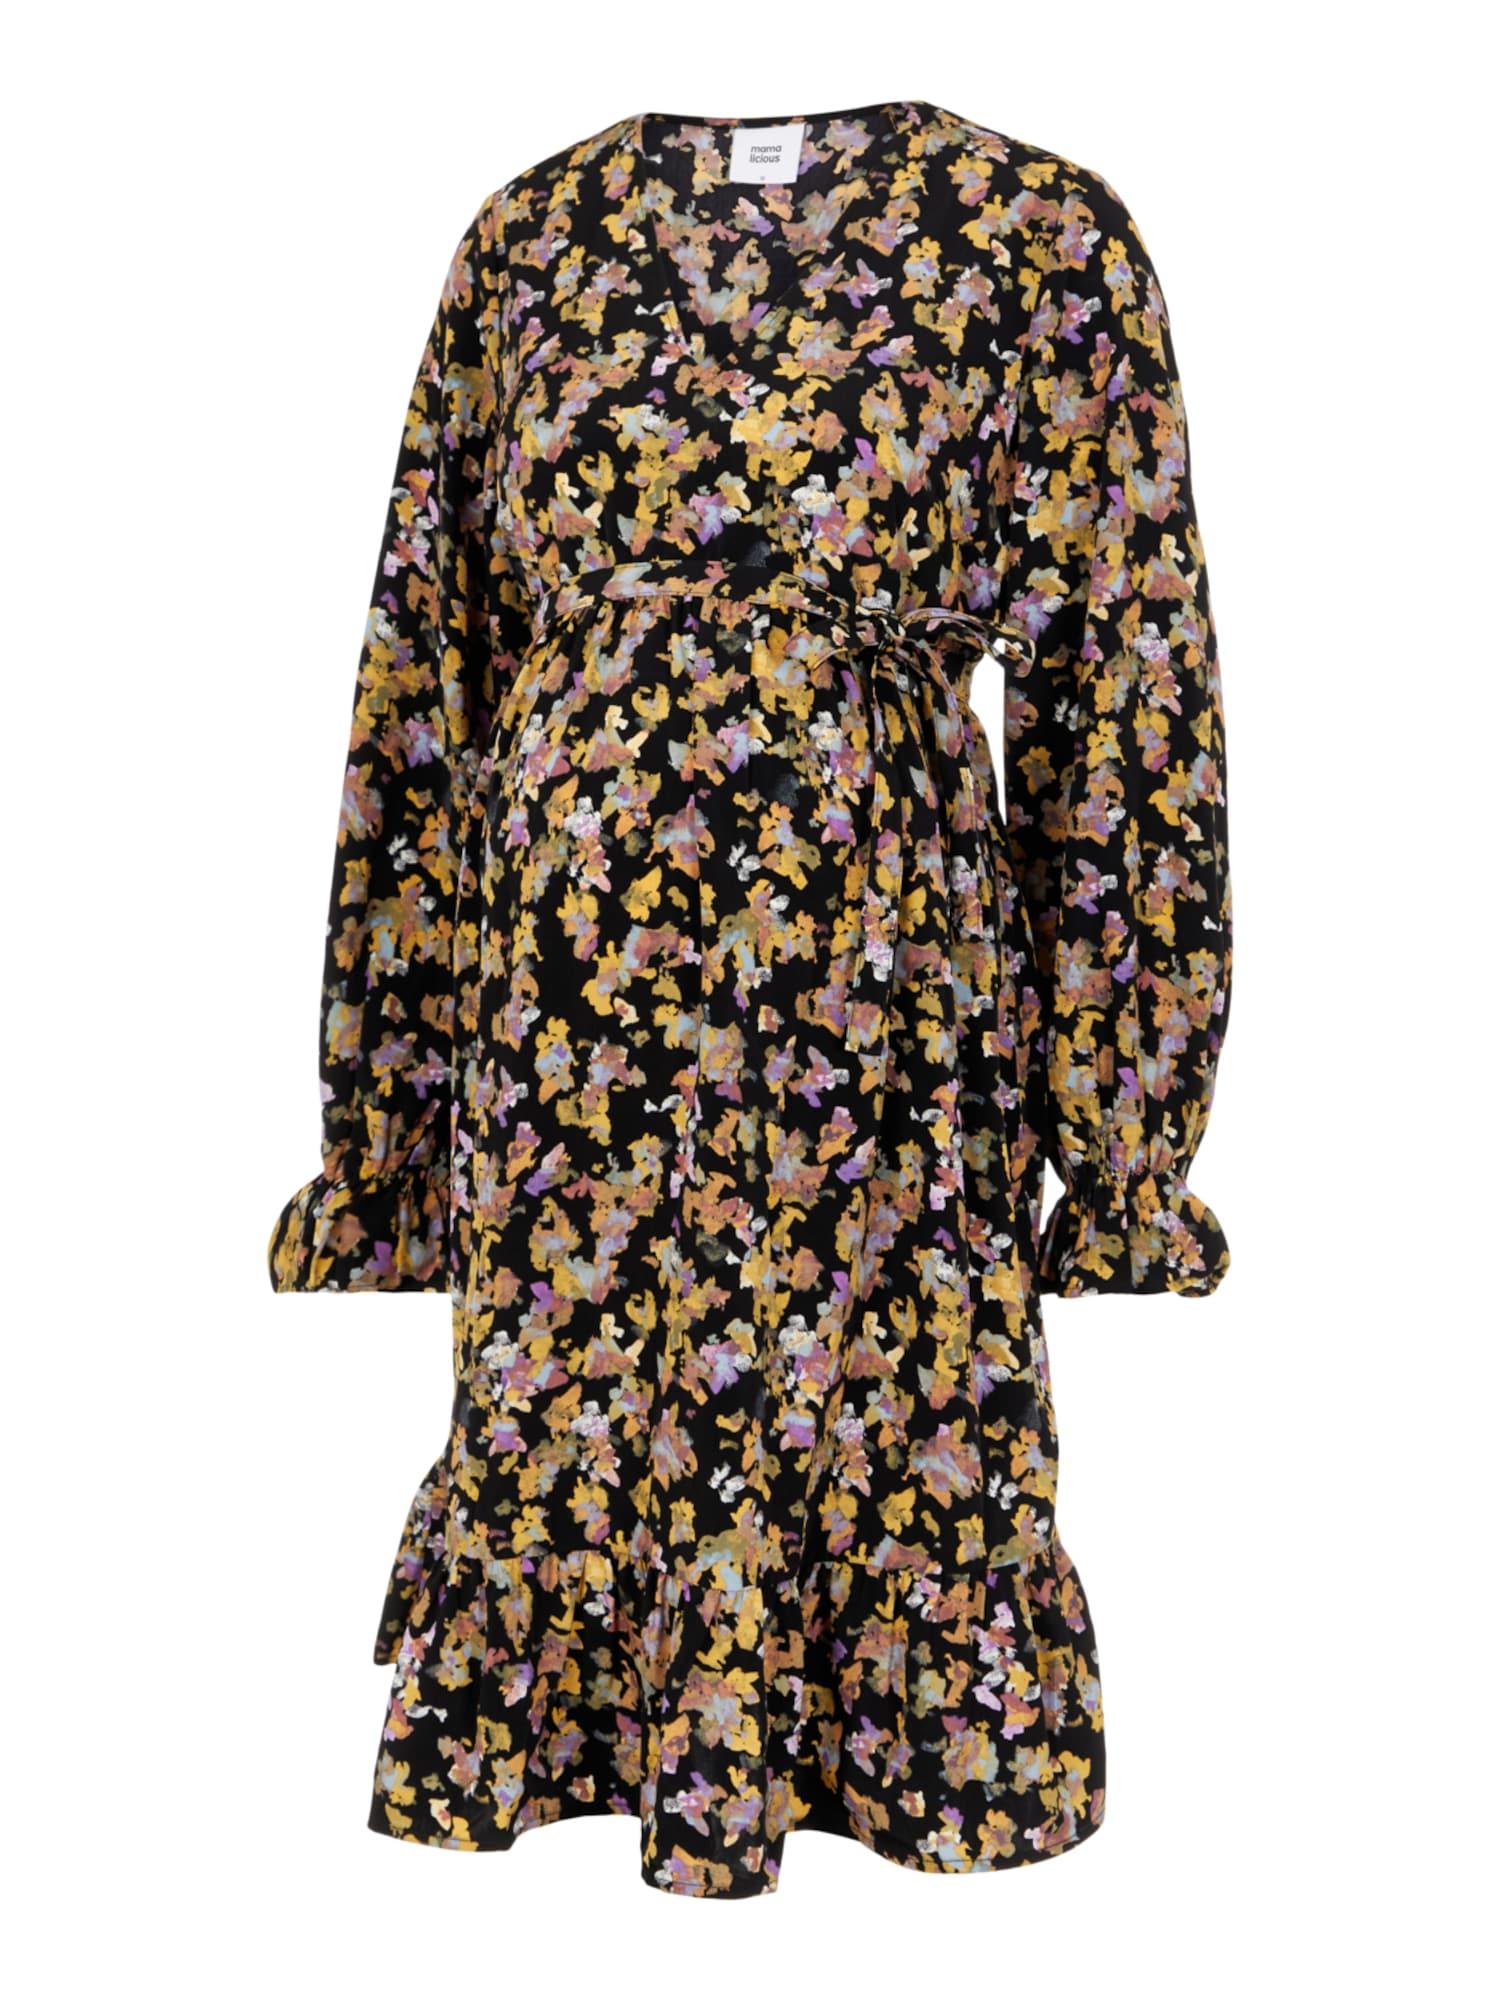 MAMALICIOUS Suknelė 'MLEMRA' juoda / mišrios spalvos